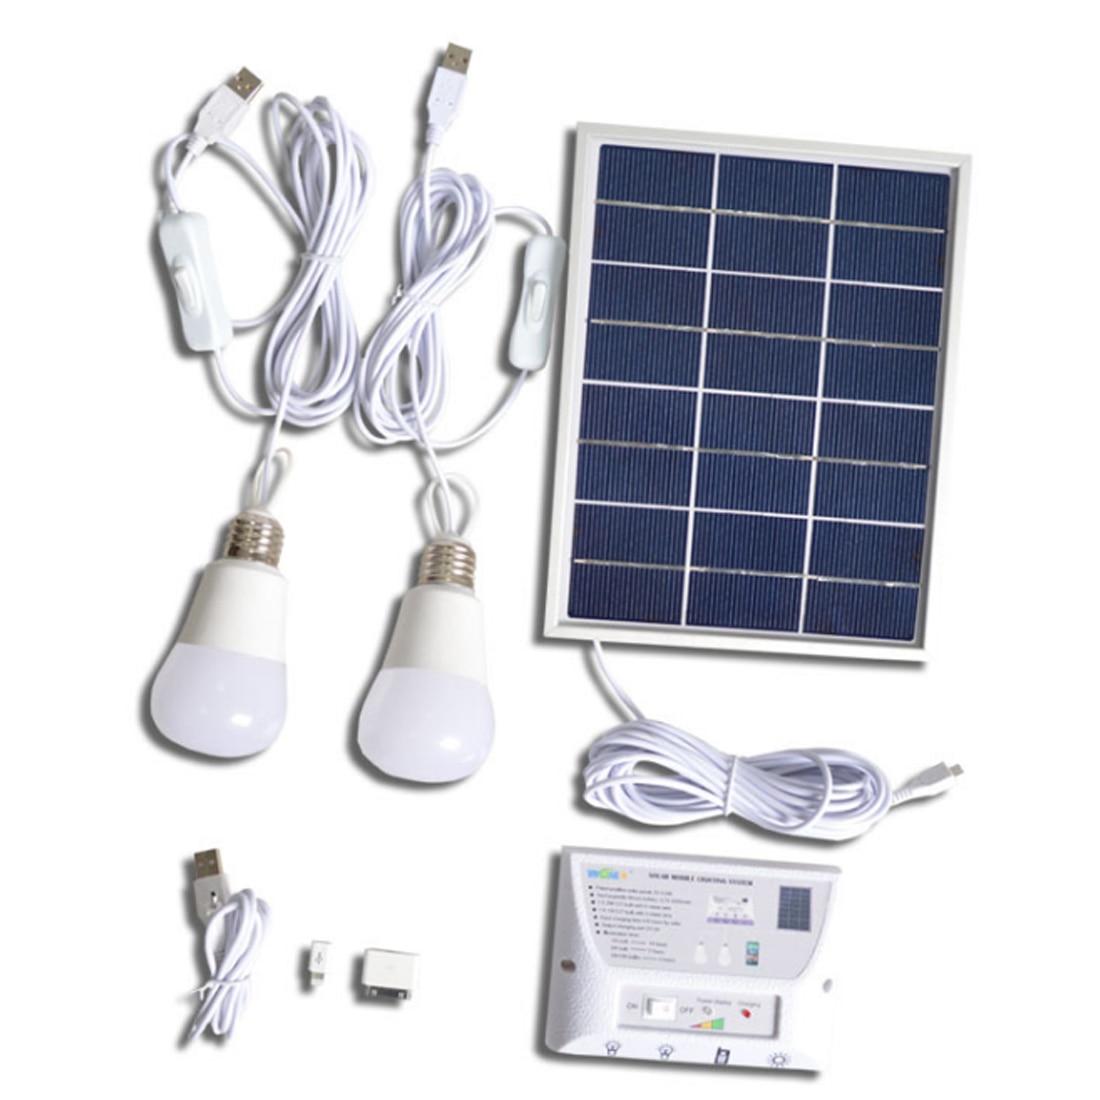 Sopatio solar power bank lighting system portable home - Solar air heater portable interior exterior ...